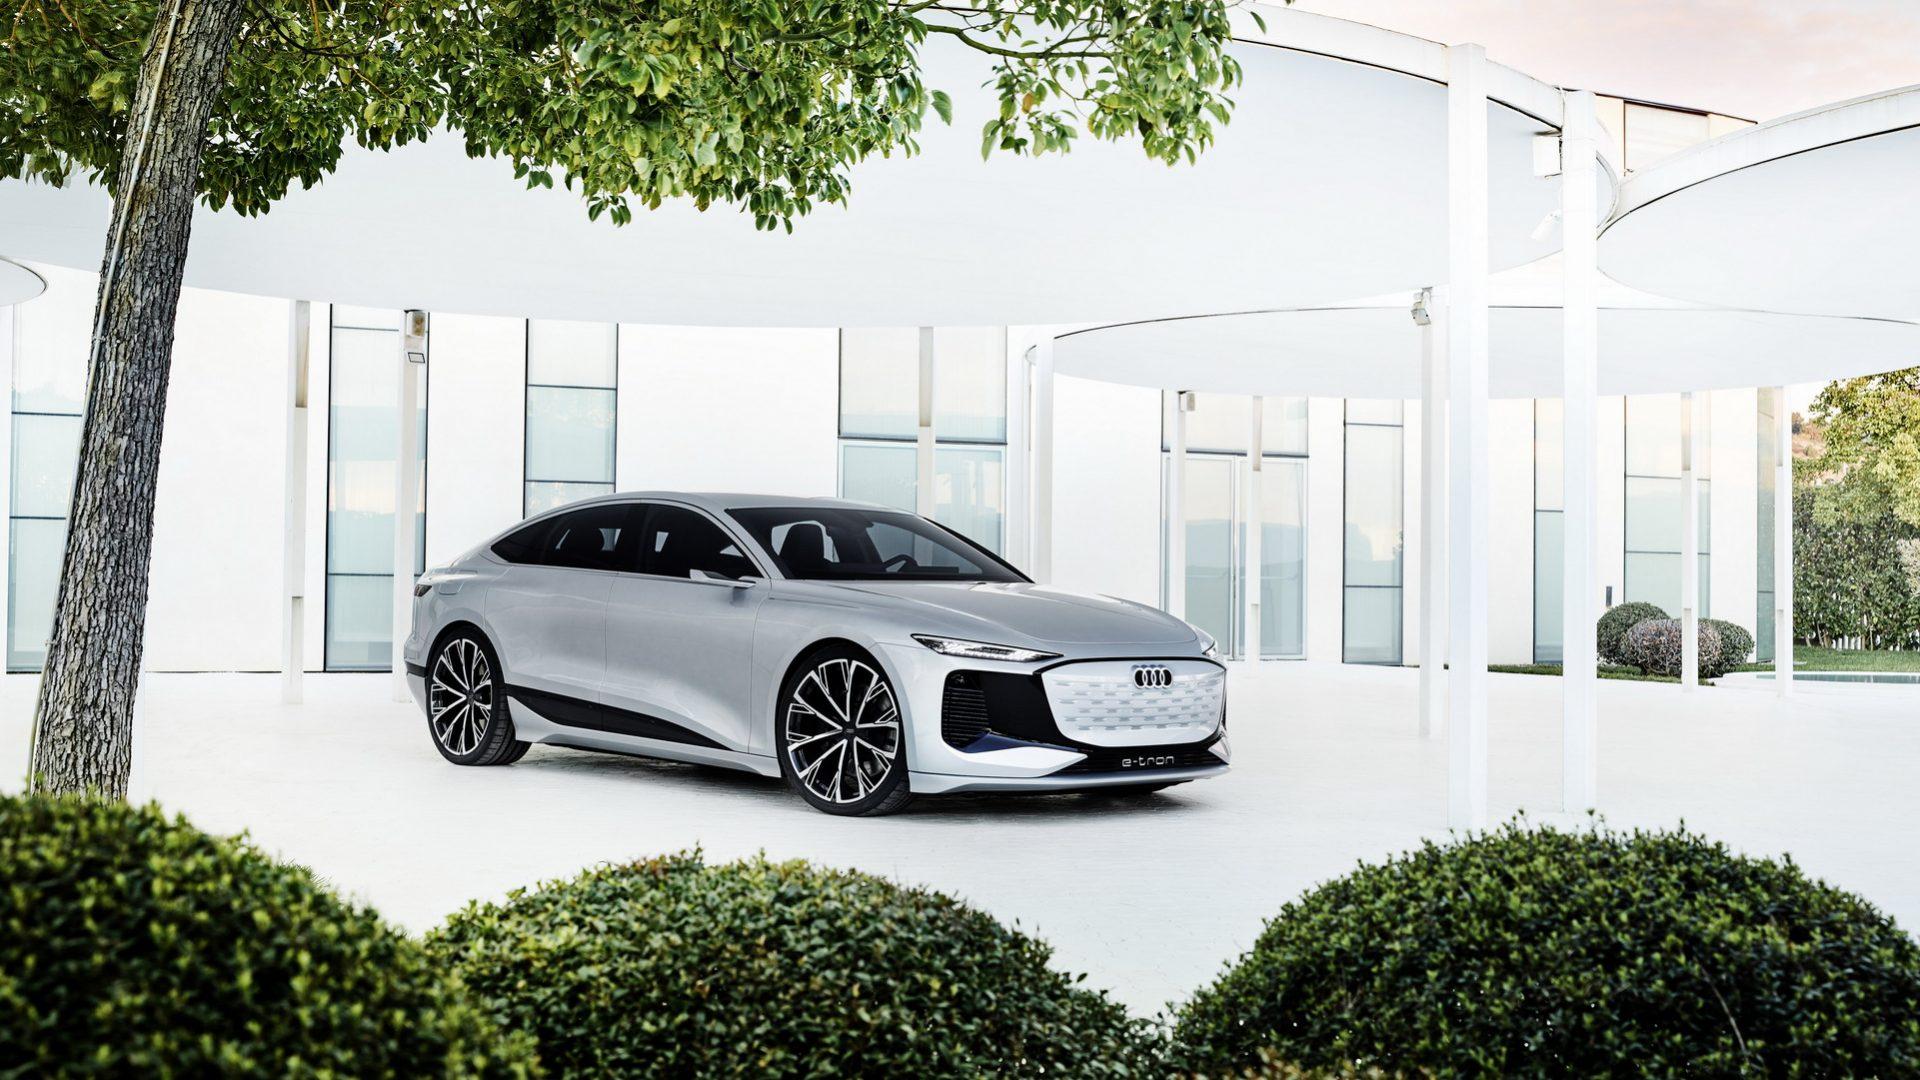 2021-Audi-A6-e-tron-Concept-37